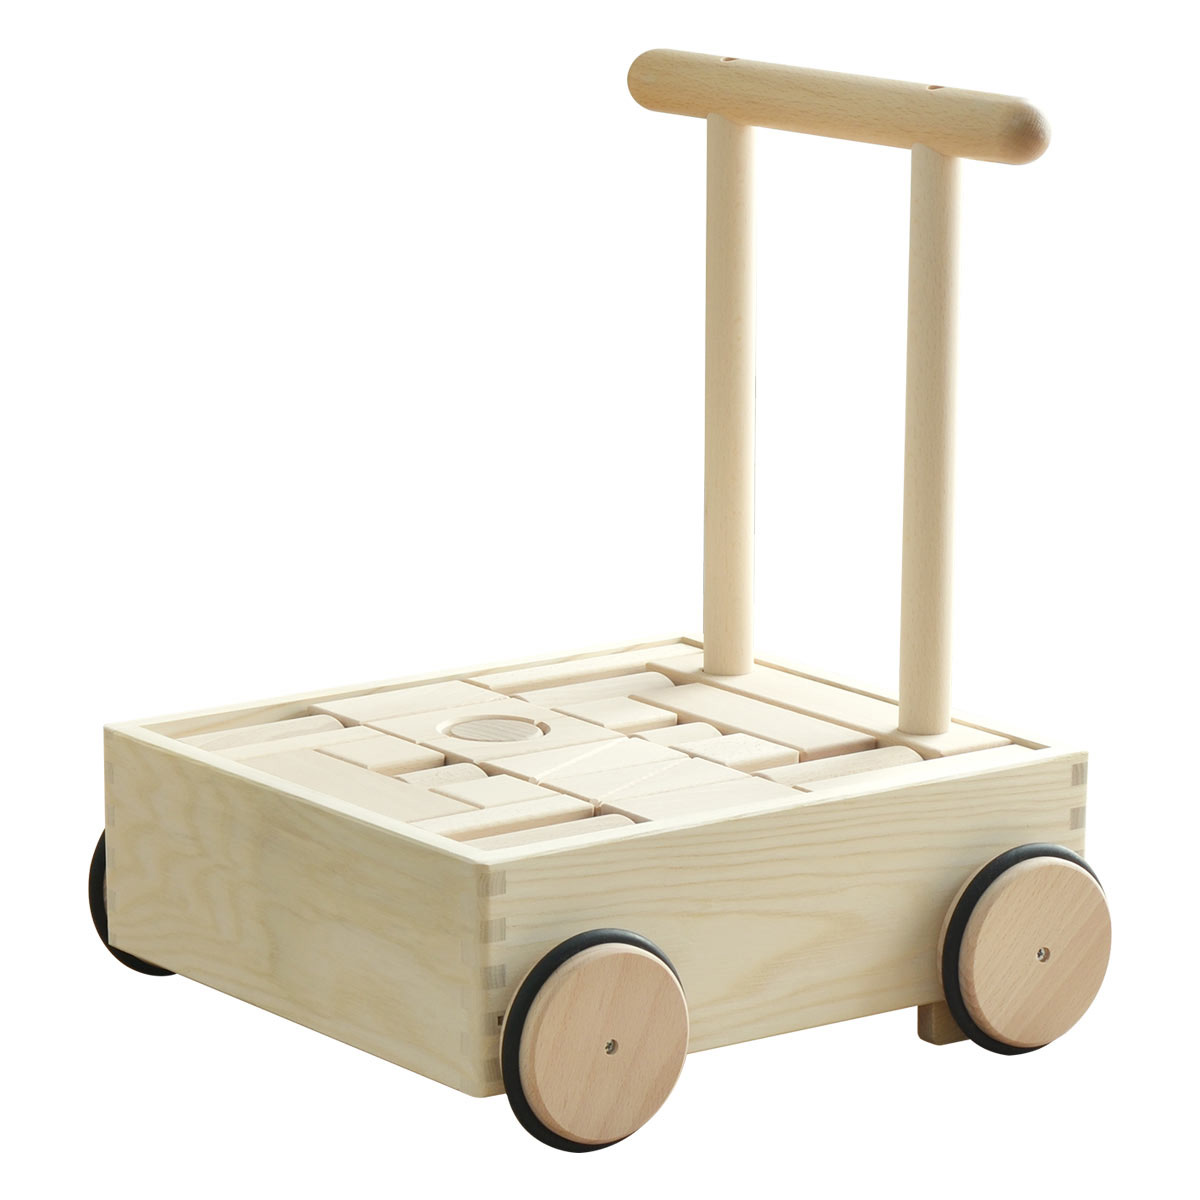 【1年保証】コイデ KOIDE 日本製 おもちゃ 玩具 押車積み木 K25 手押し車 押し車 積み木 知育 室内 1歳 2歳 男の子 女の子 子供 幼児 ベビー 知育玩具 出産祝い 誕生日 ウッド 天然木 国産[送料無料]